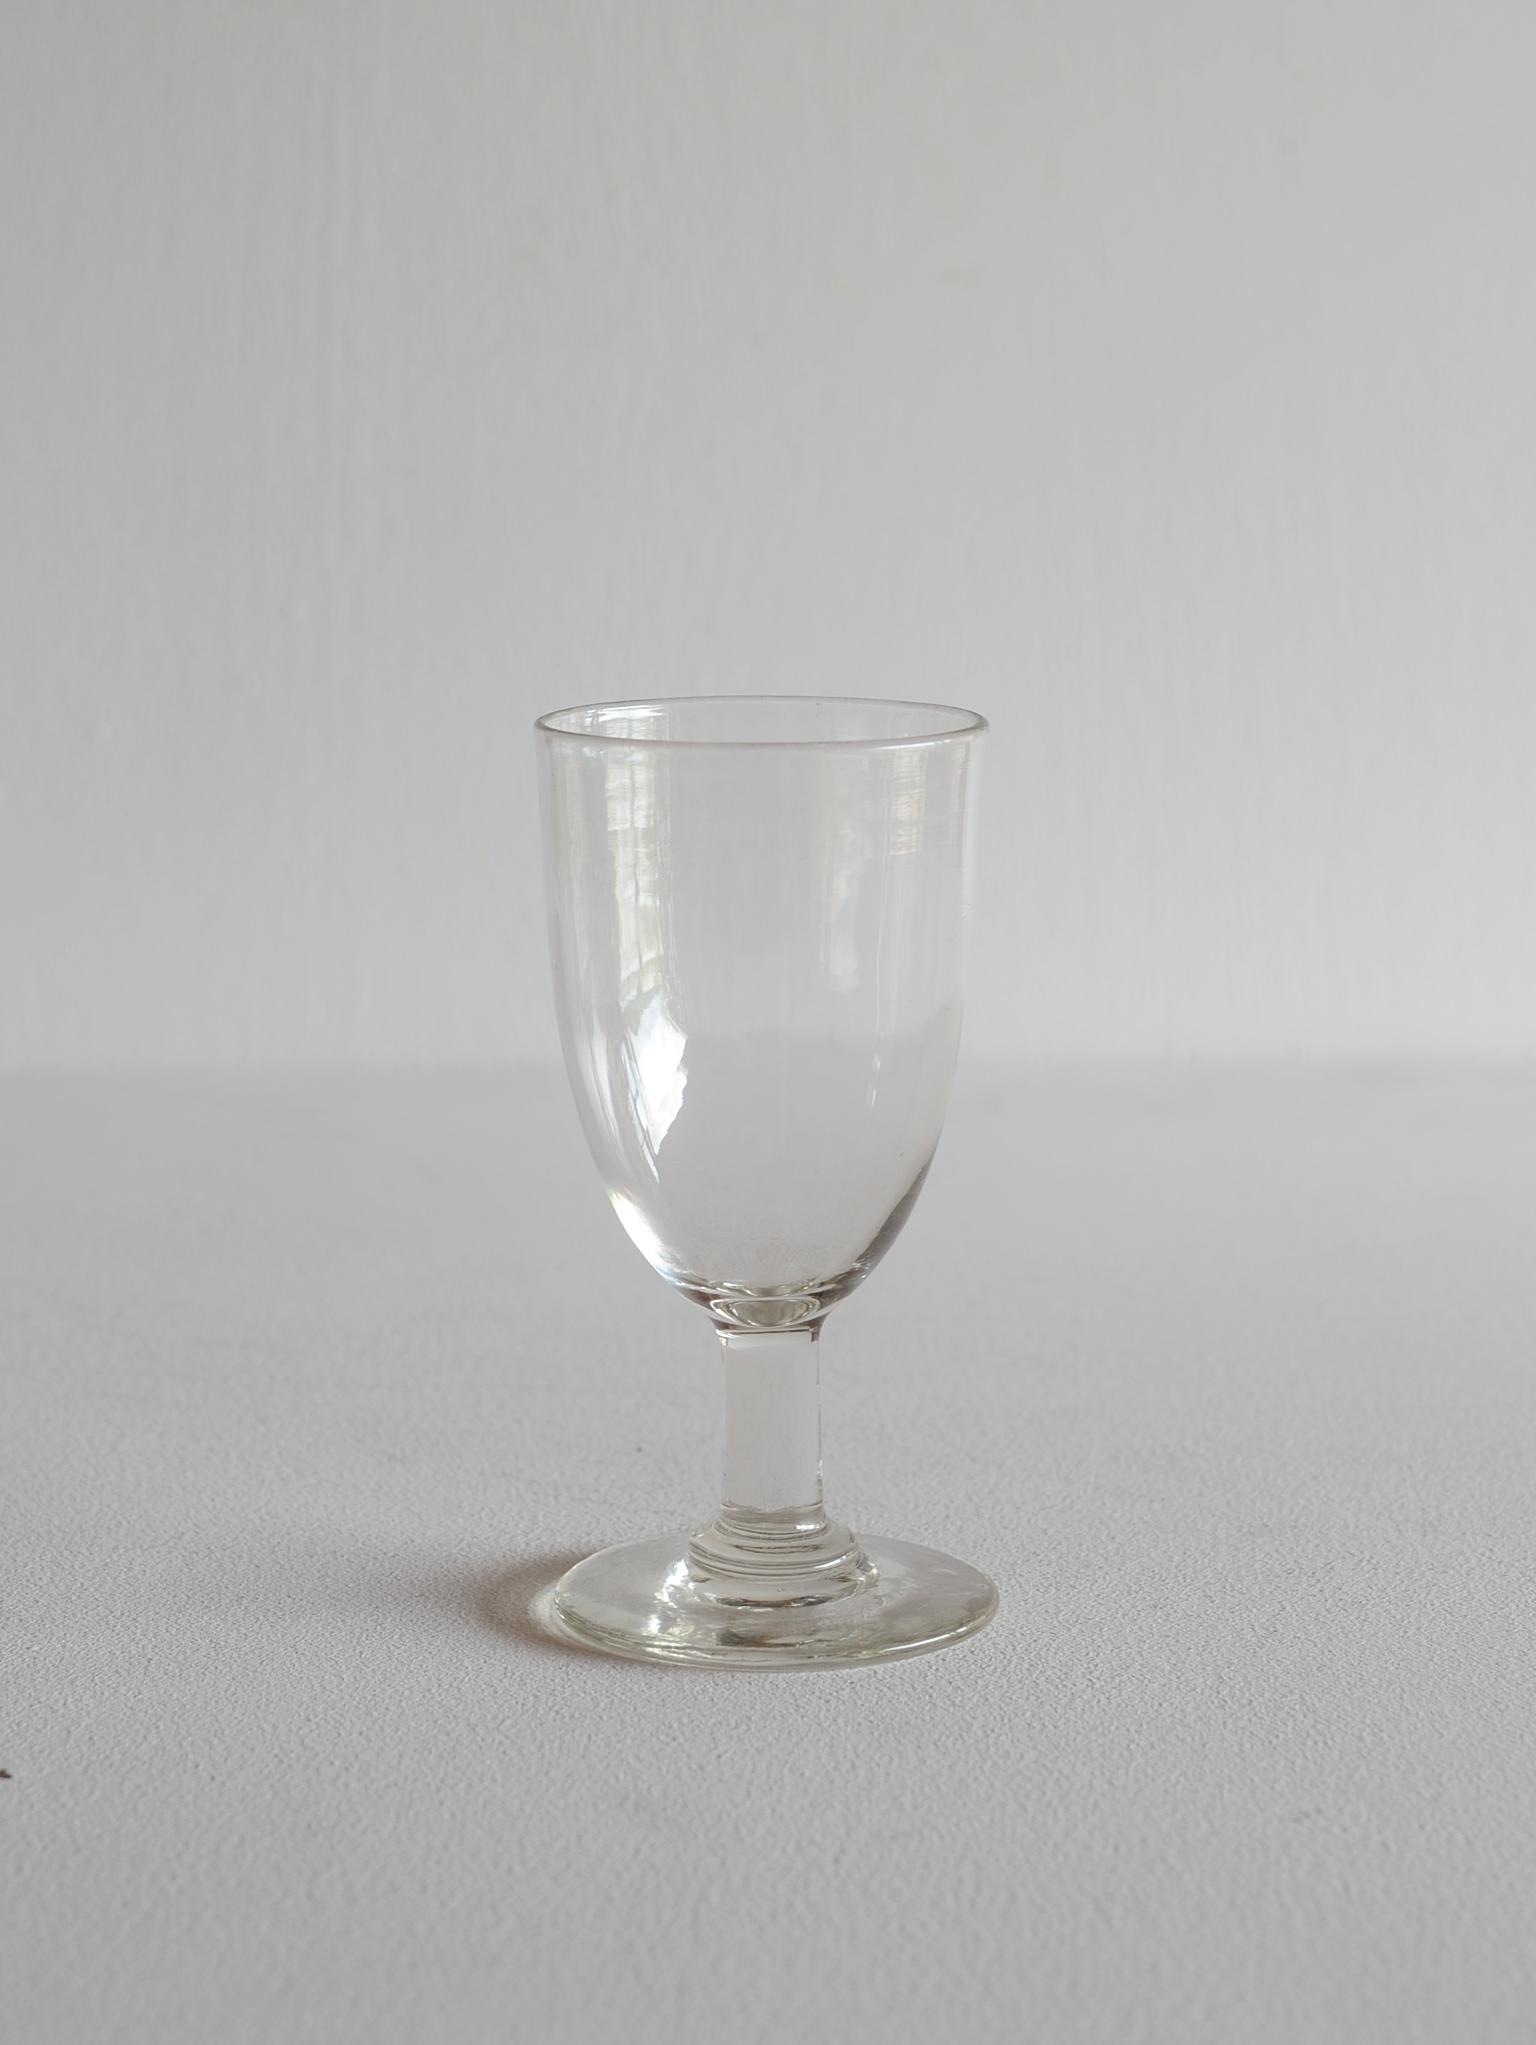 ワイングラス-wine glass